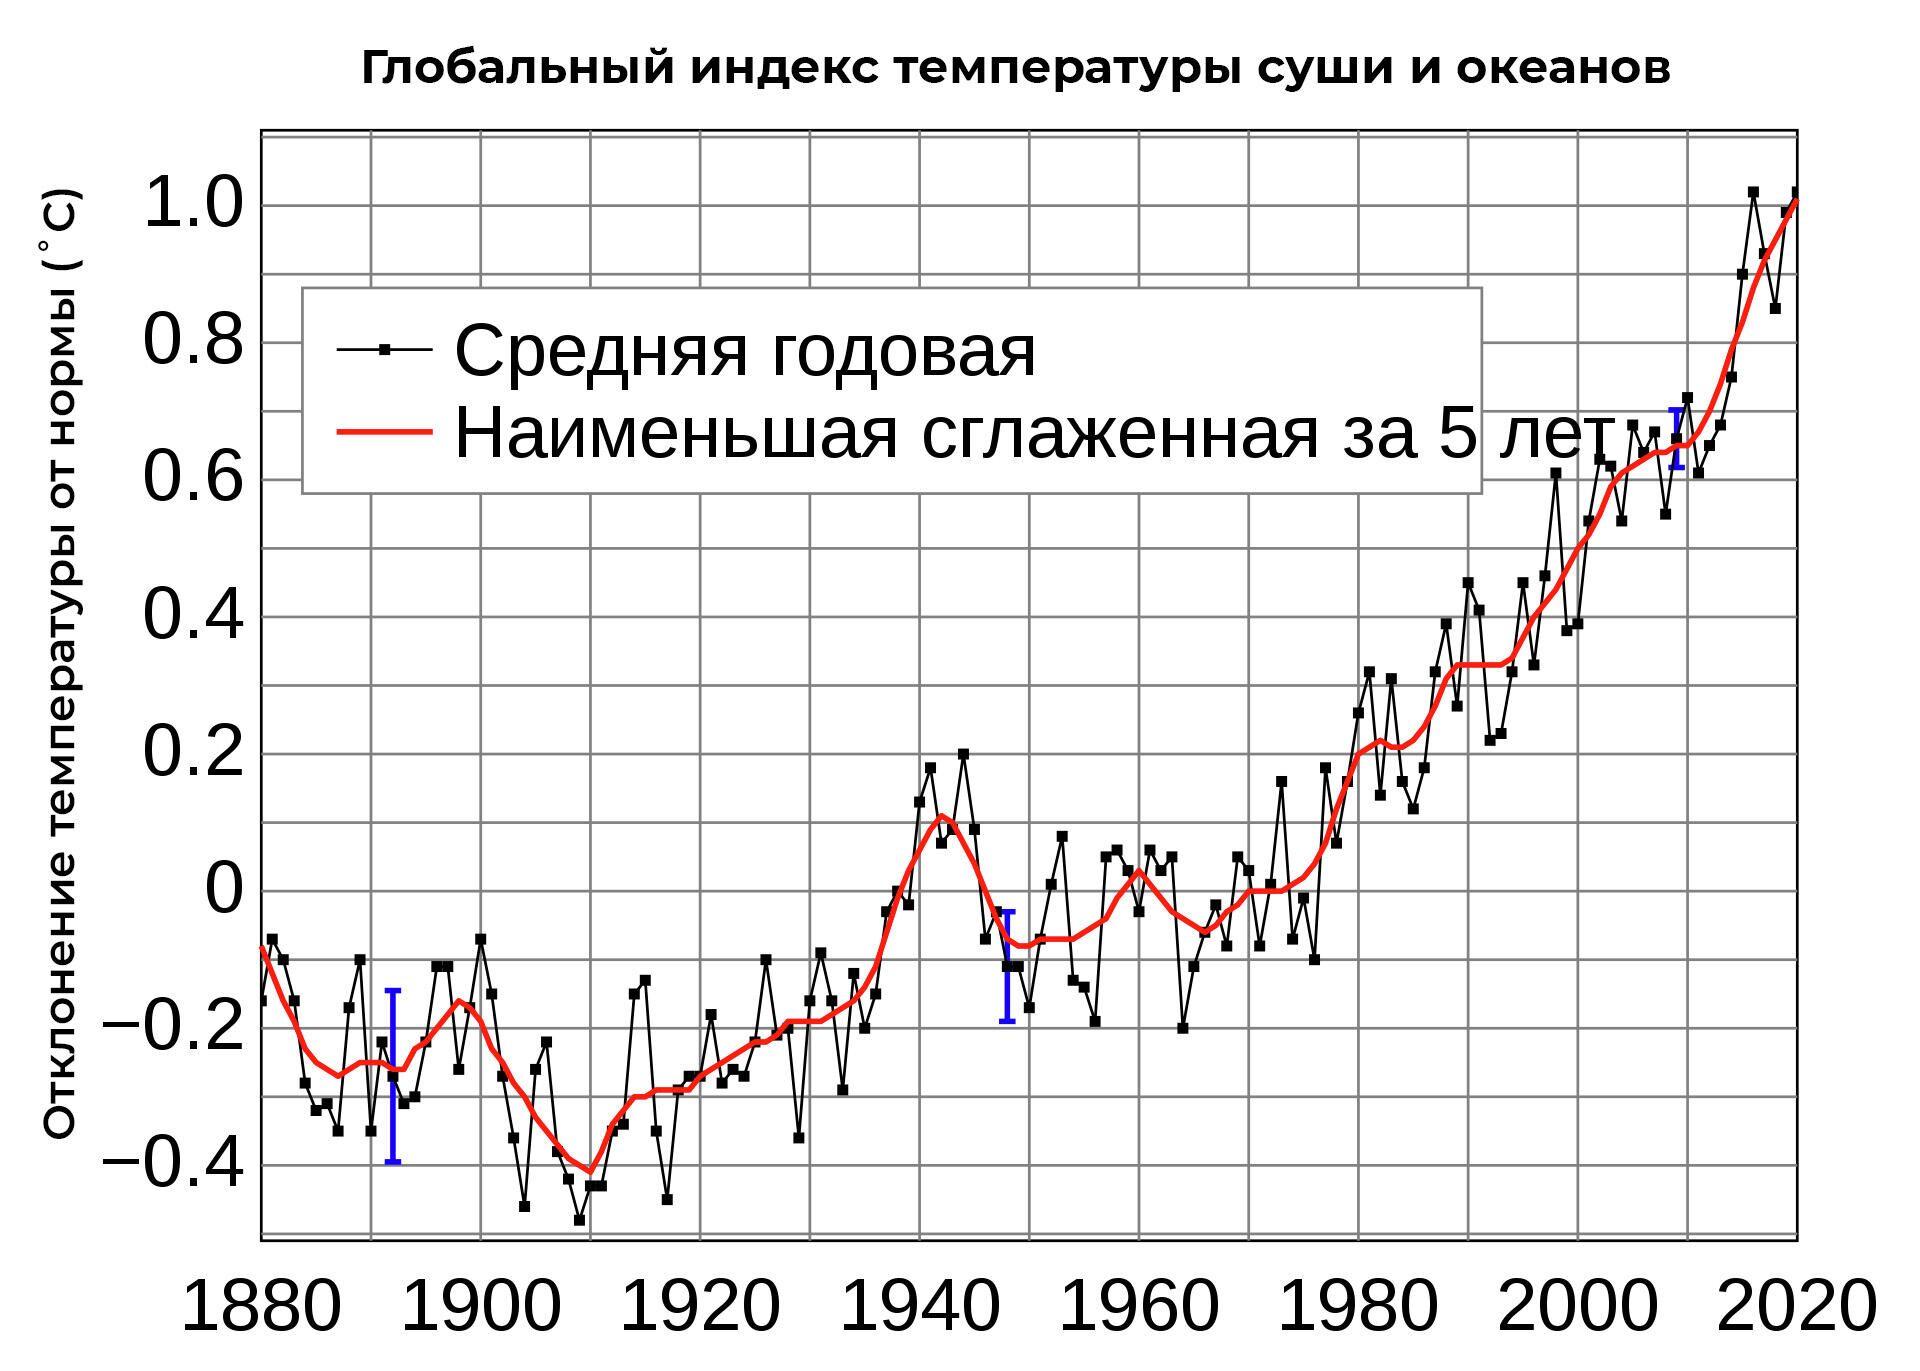 Шутки кончились. Глобальное потепление обвинили в миллионах смертей